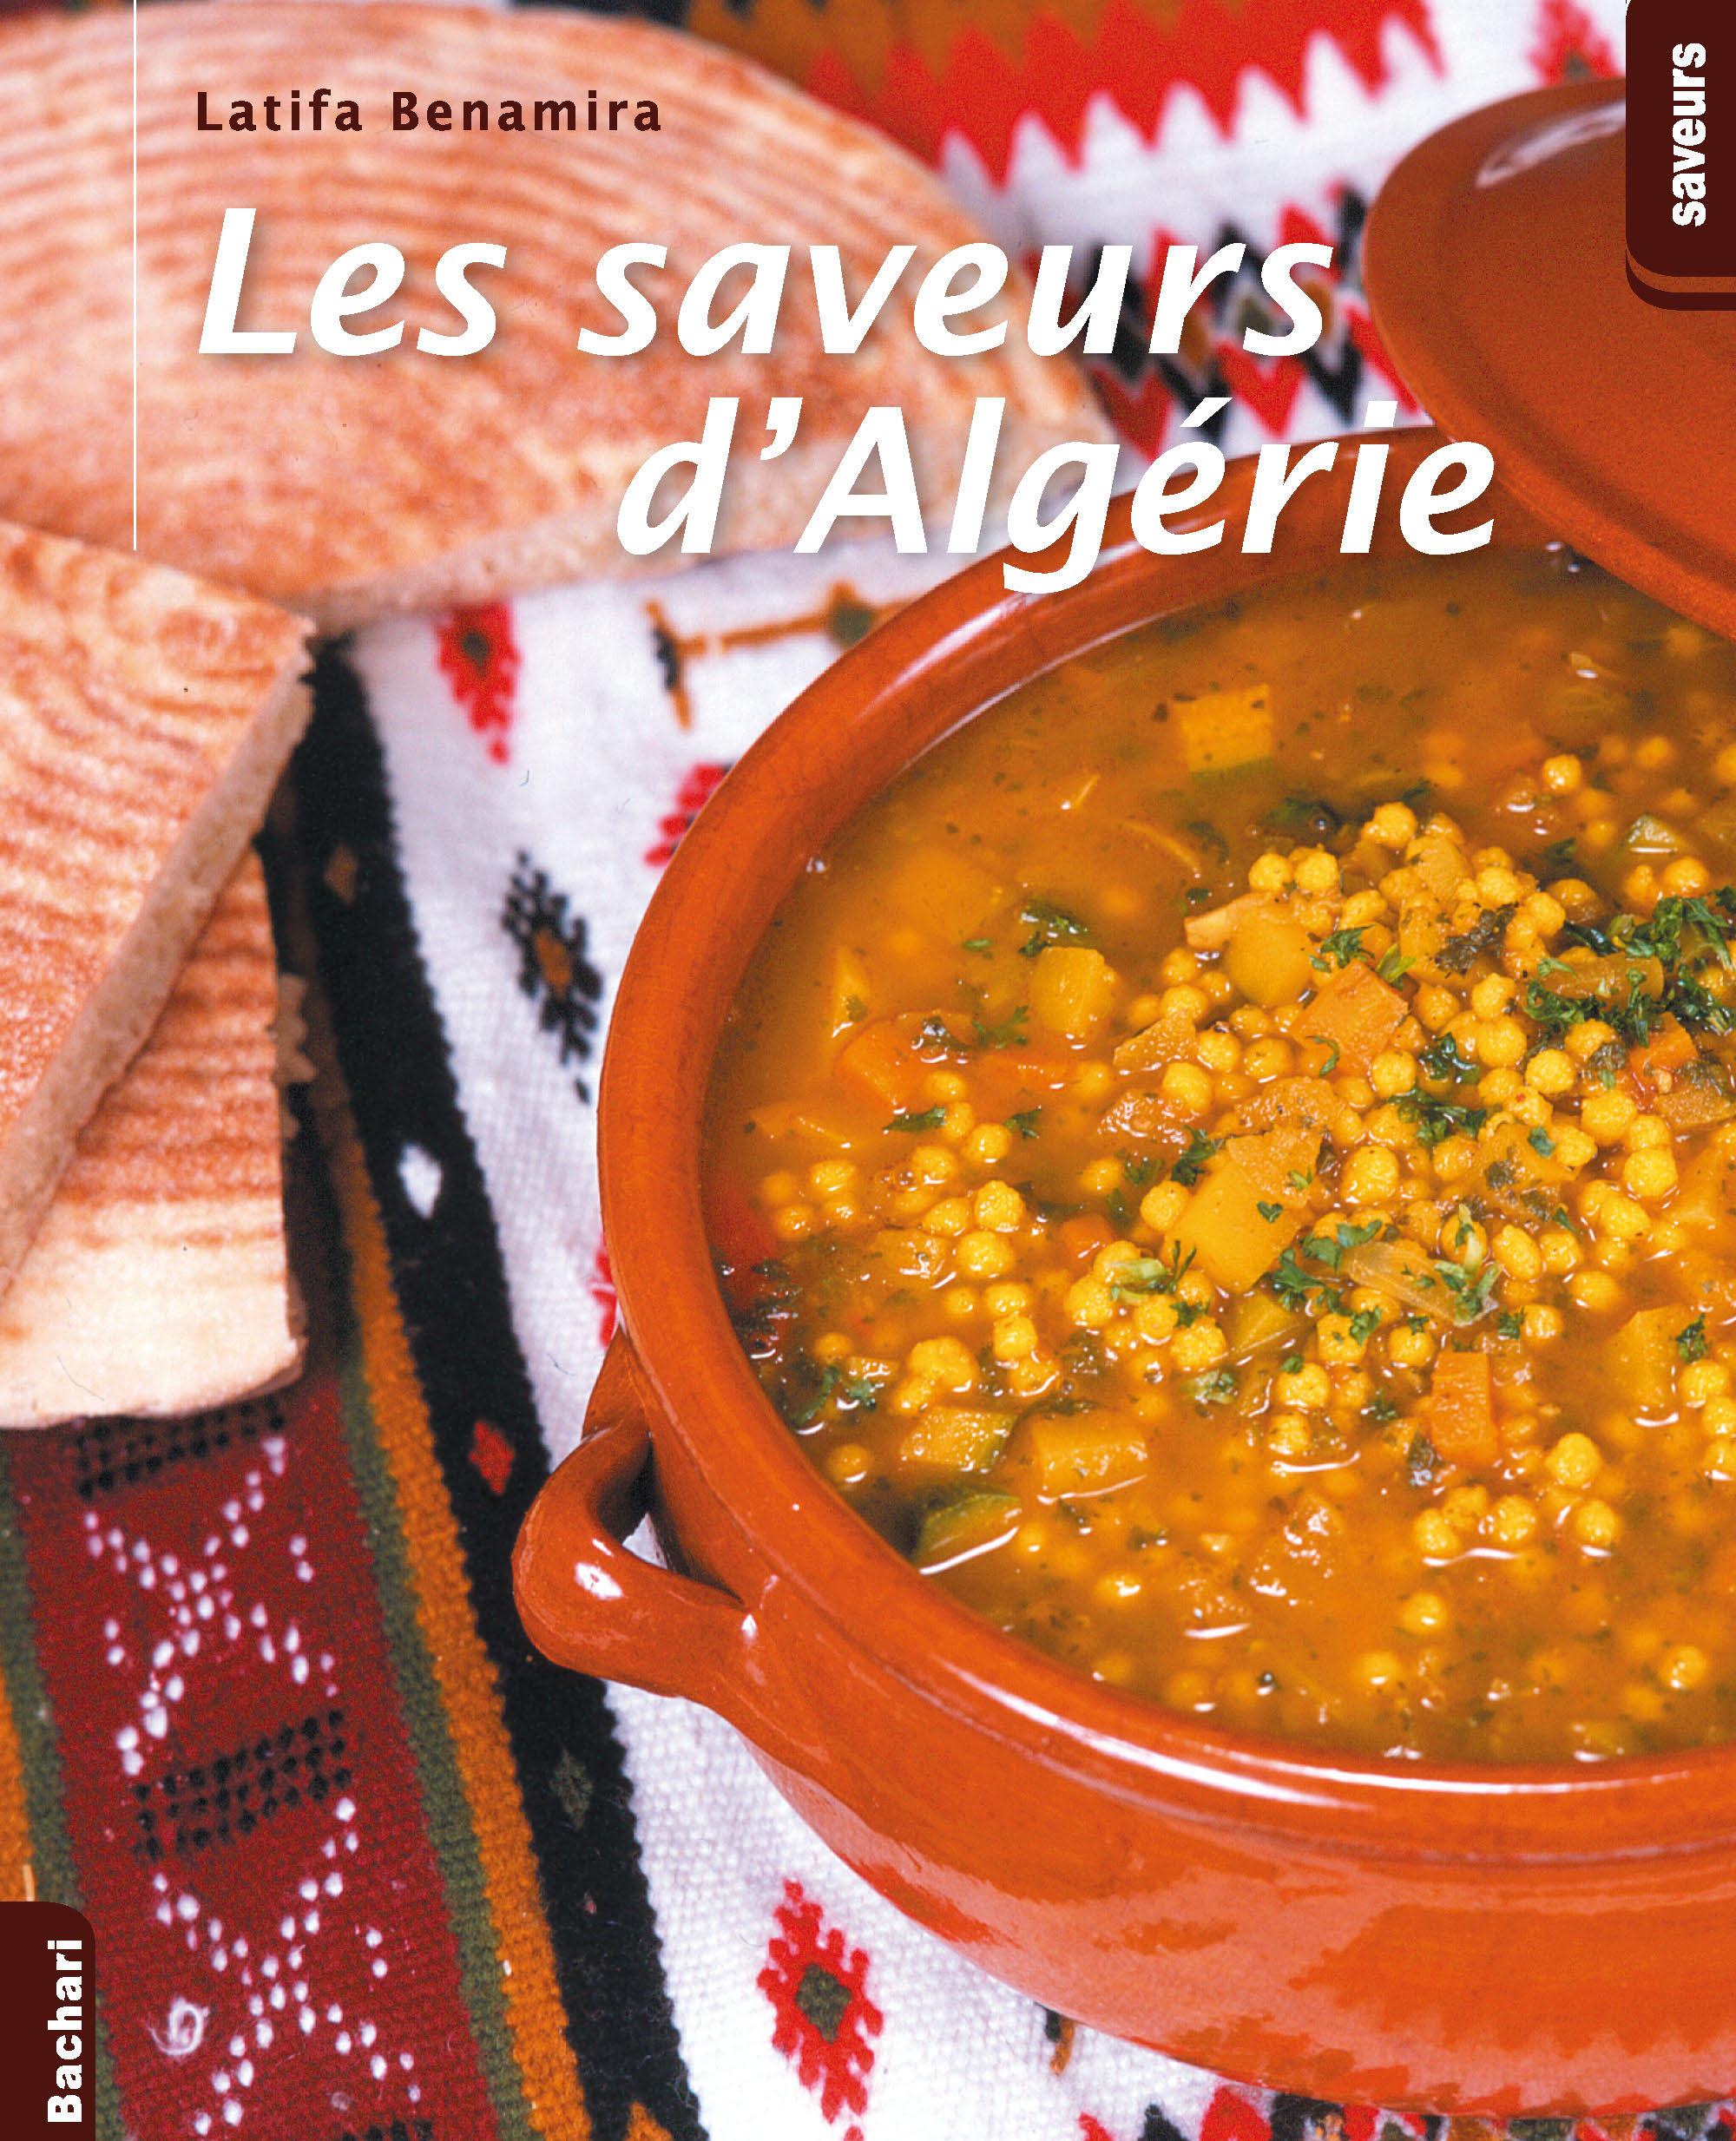 LES SAVEURS D'ALGERIE